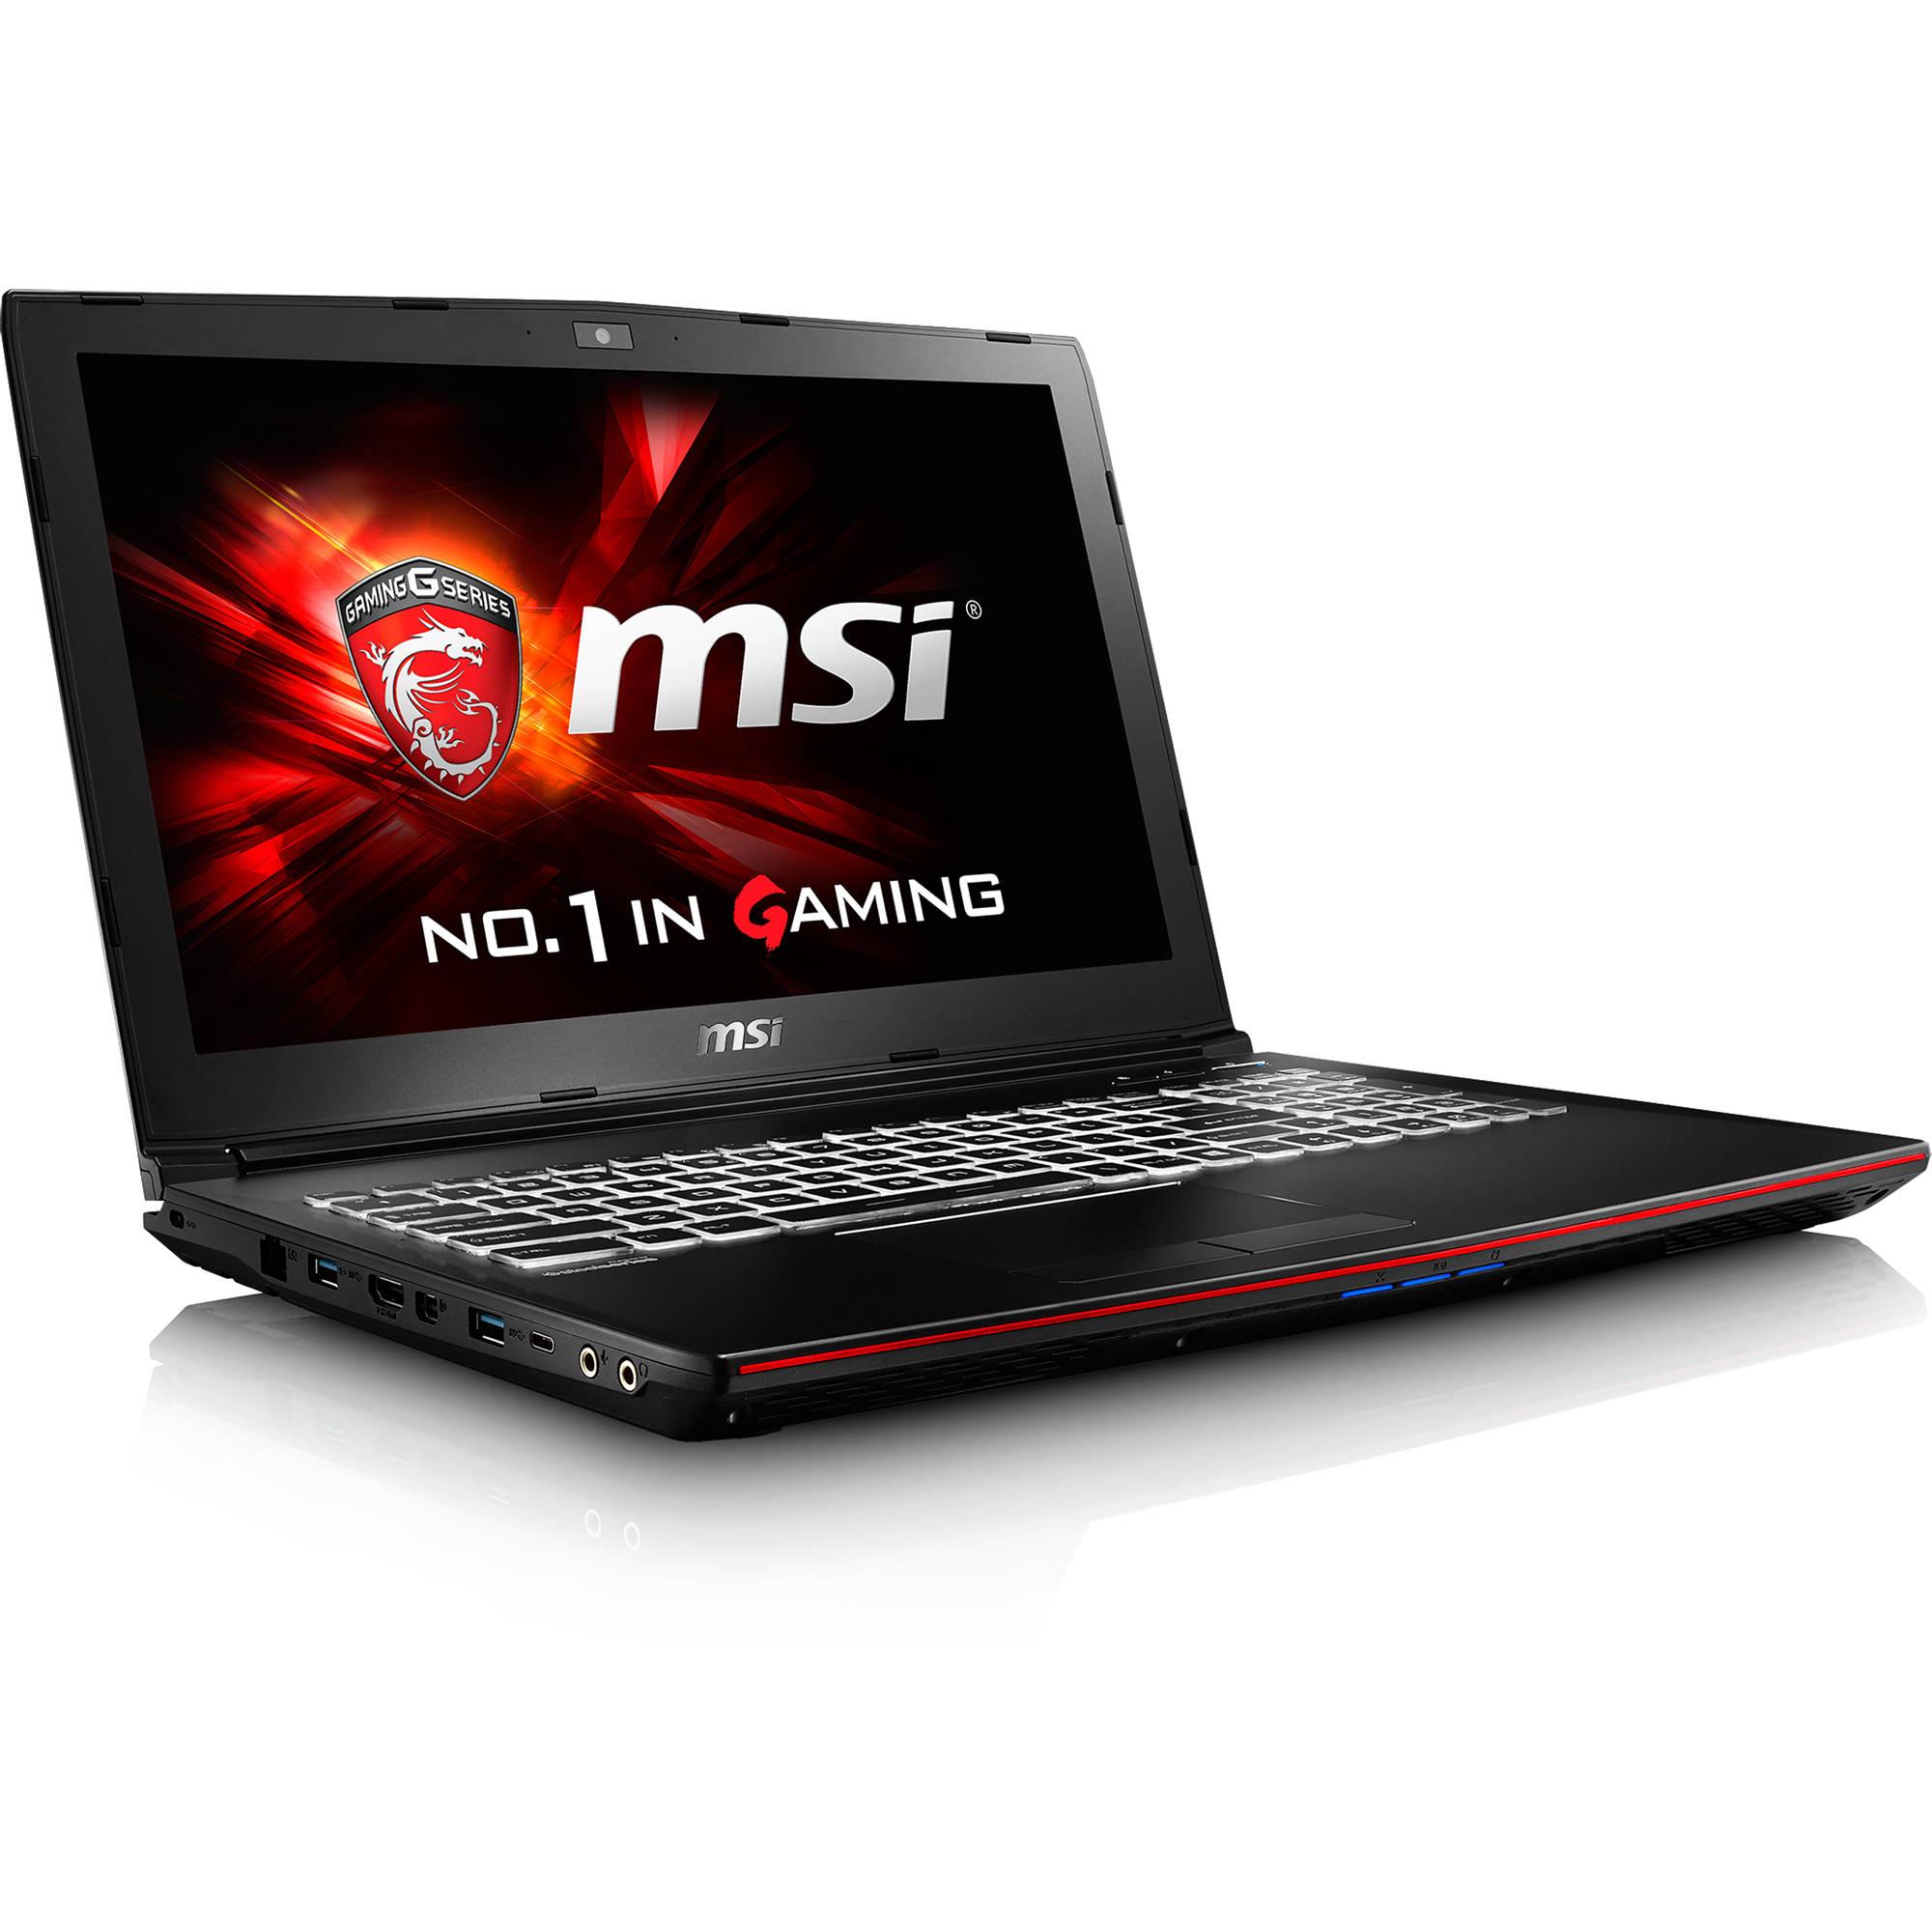 Orta düzey bir oyuncu için uygun olan MSI oyun bilgisayarı bu senenin en iyi oyun bilgisayarları arasındadır.